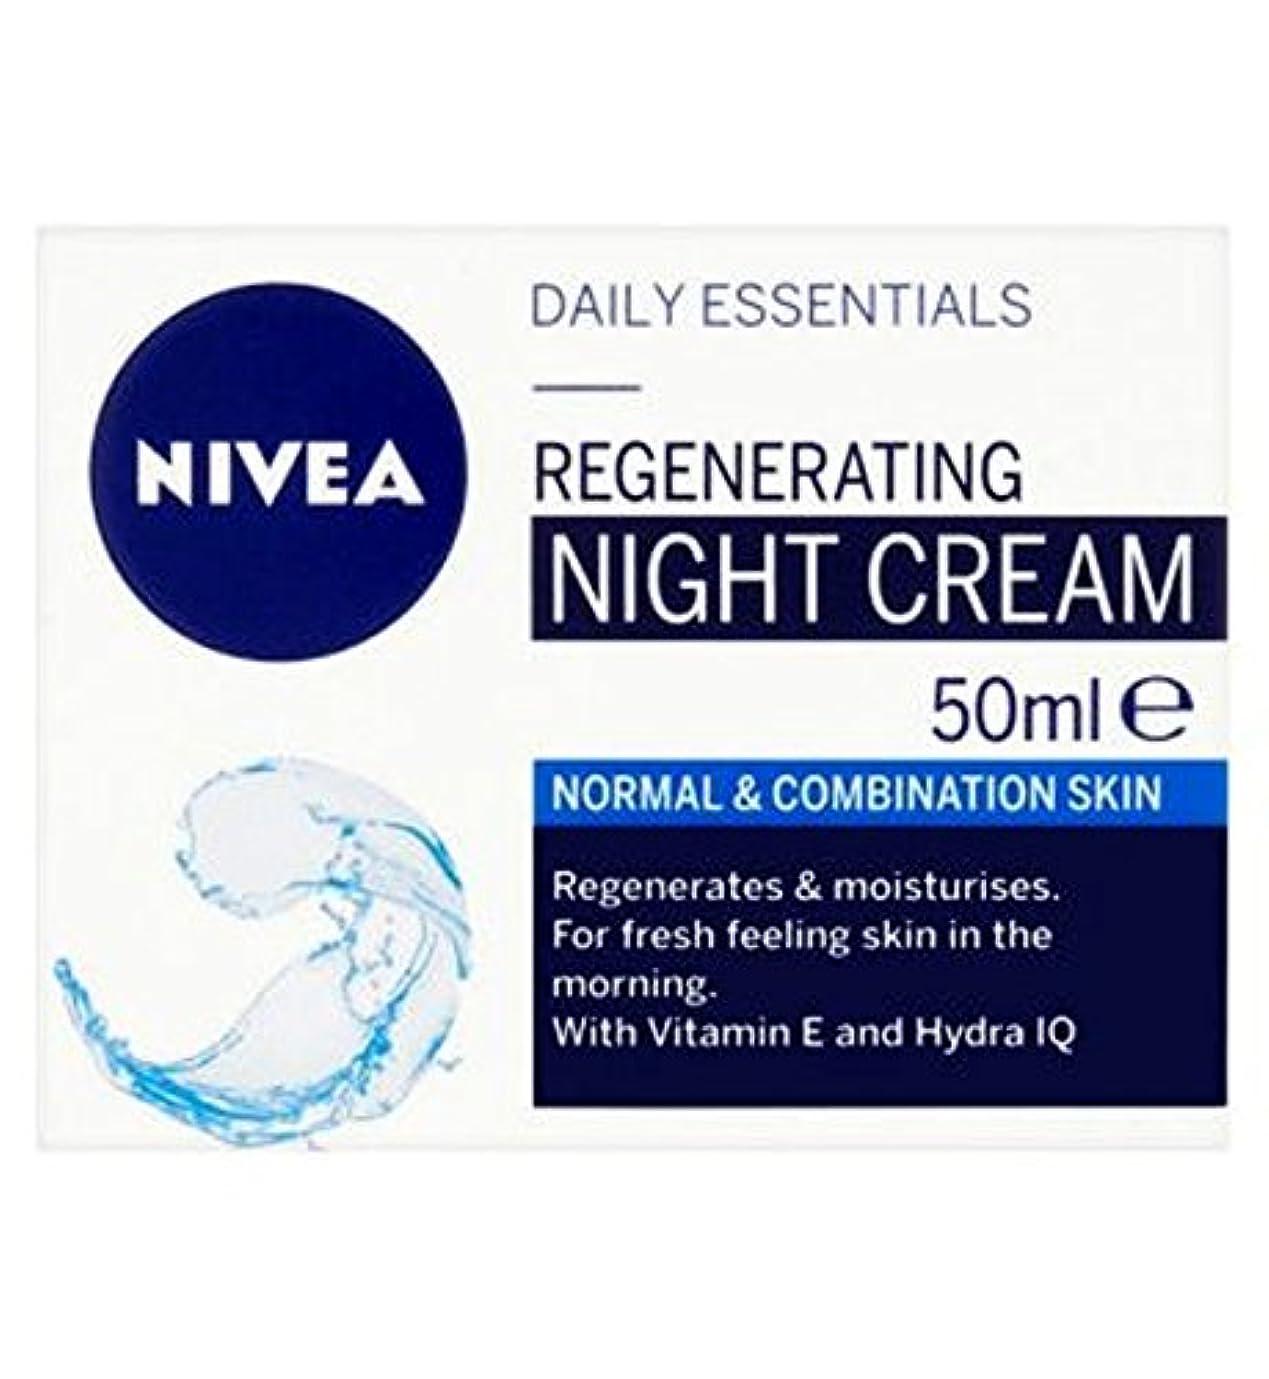 遊び場アナログおとこNIVEA Daily Essentials Regenerating Night Cream For Normal and Combination Skin 50ml - ノーマルと組み合わせ皮膚50ミリリットルのための...